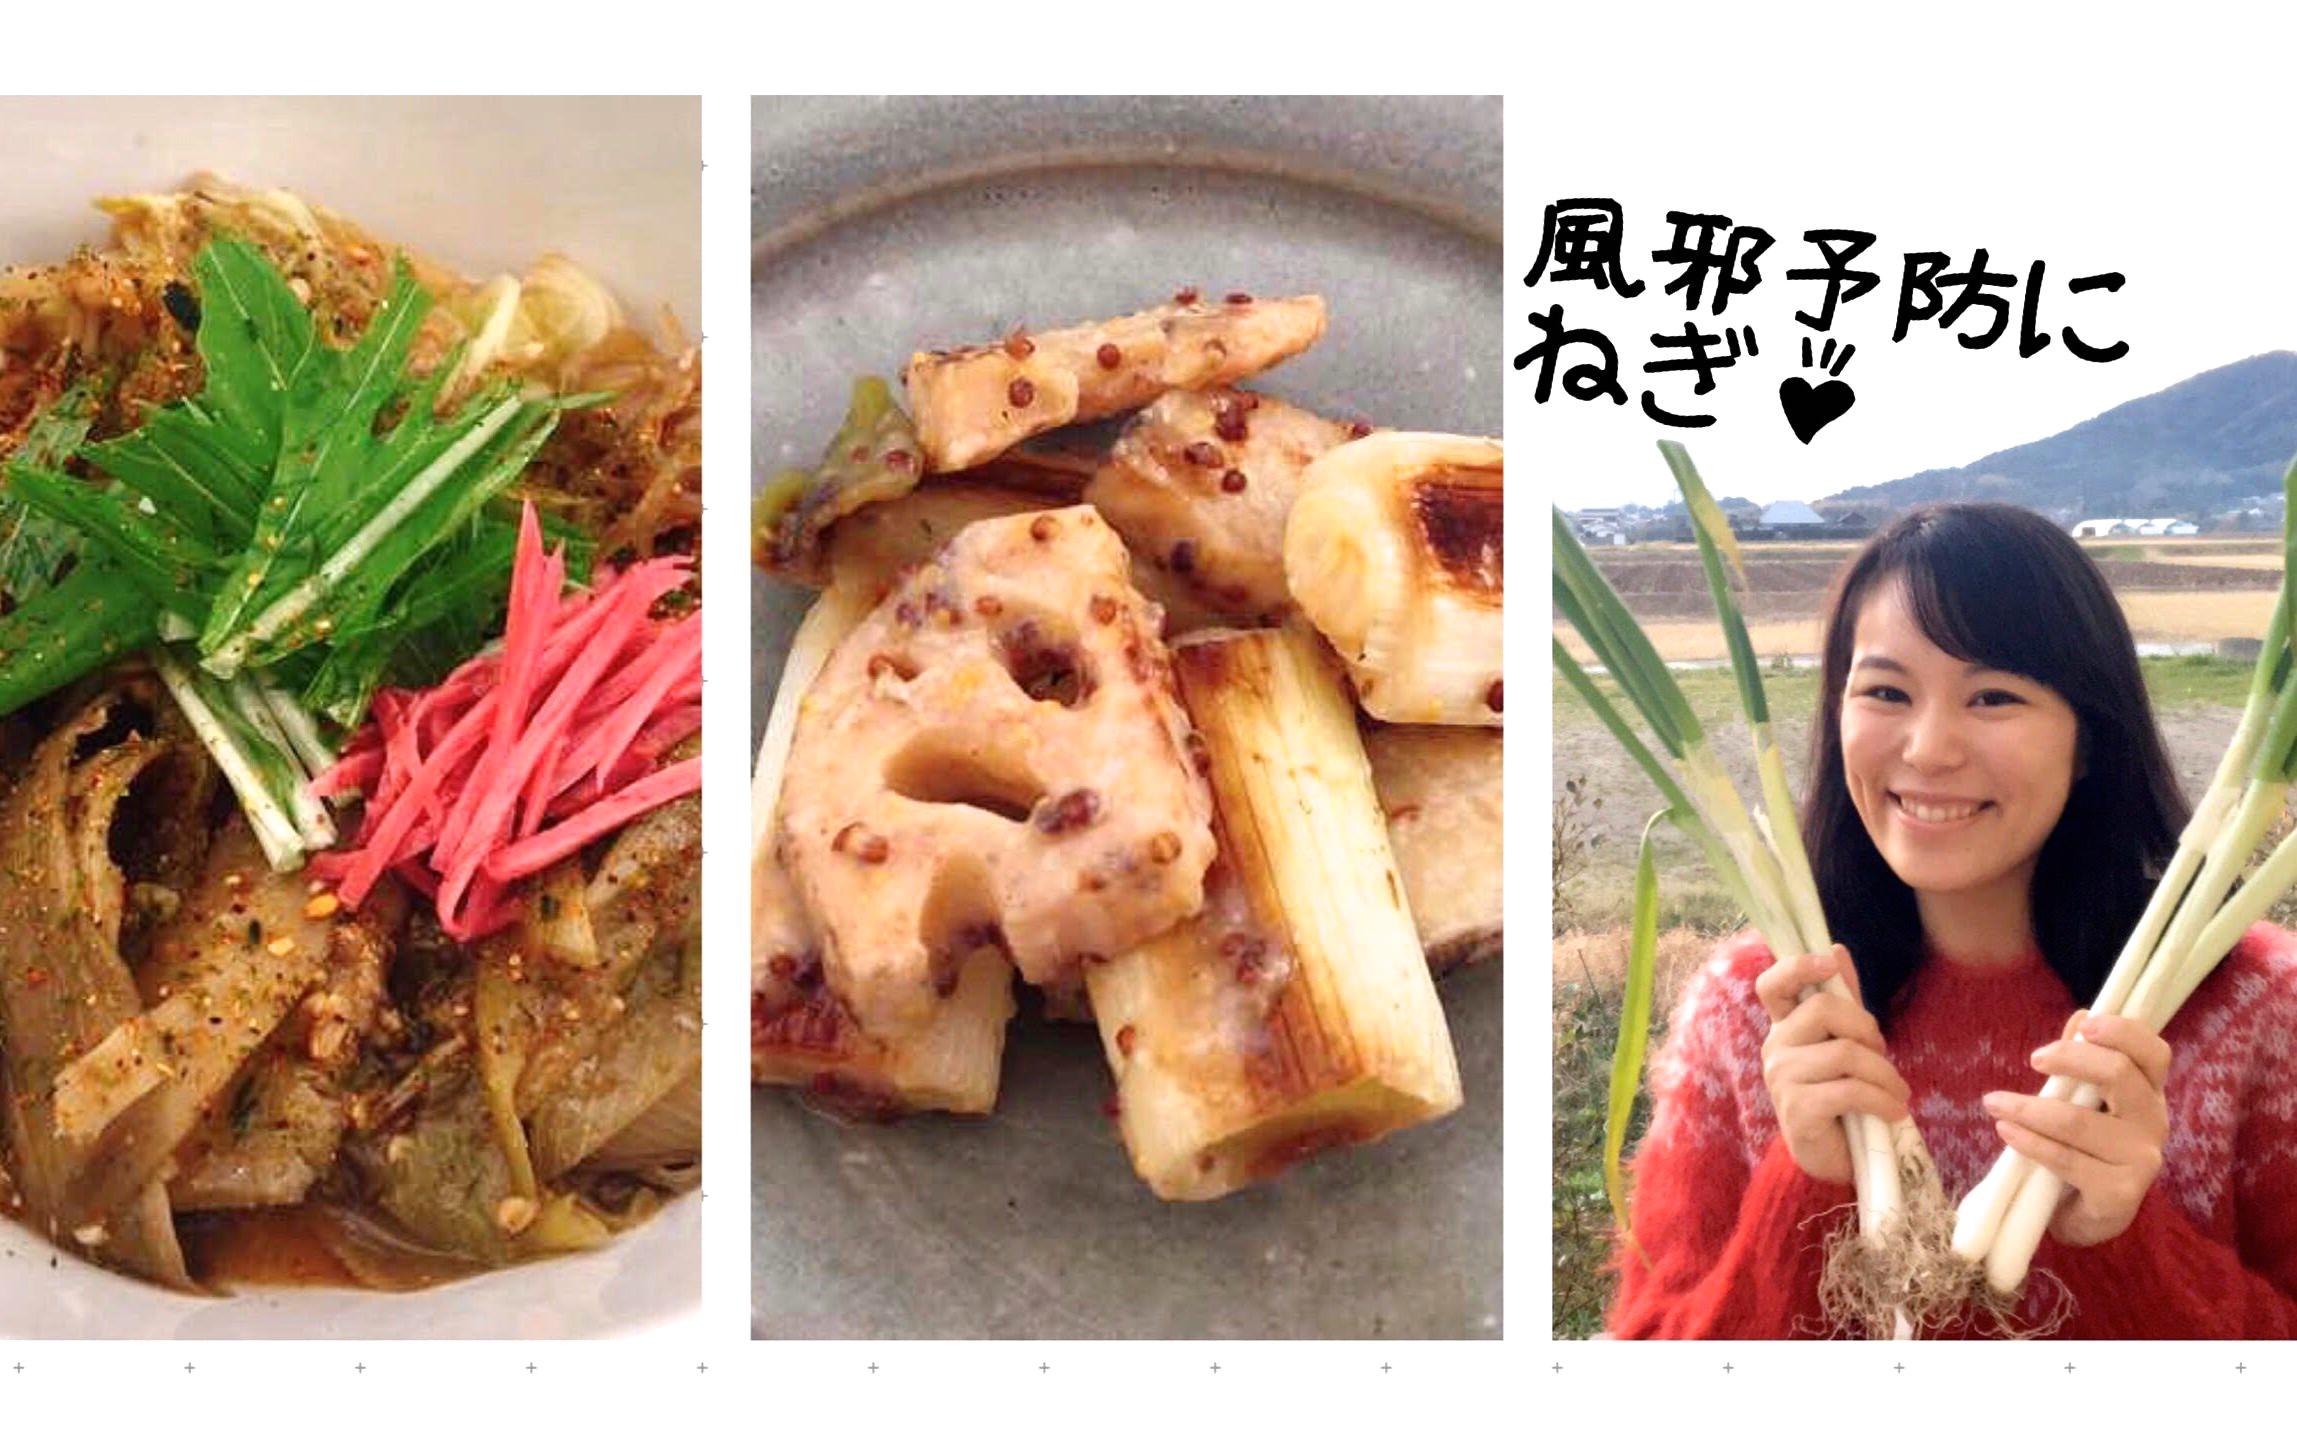 【レシピ提供】ねぎ×発酵調味料づくしのレシピ、4品を考案しました!